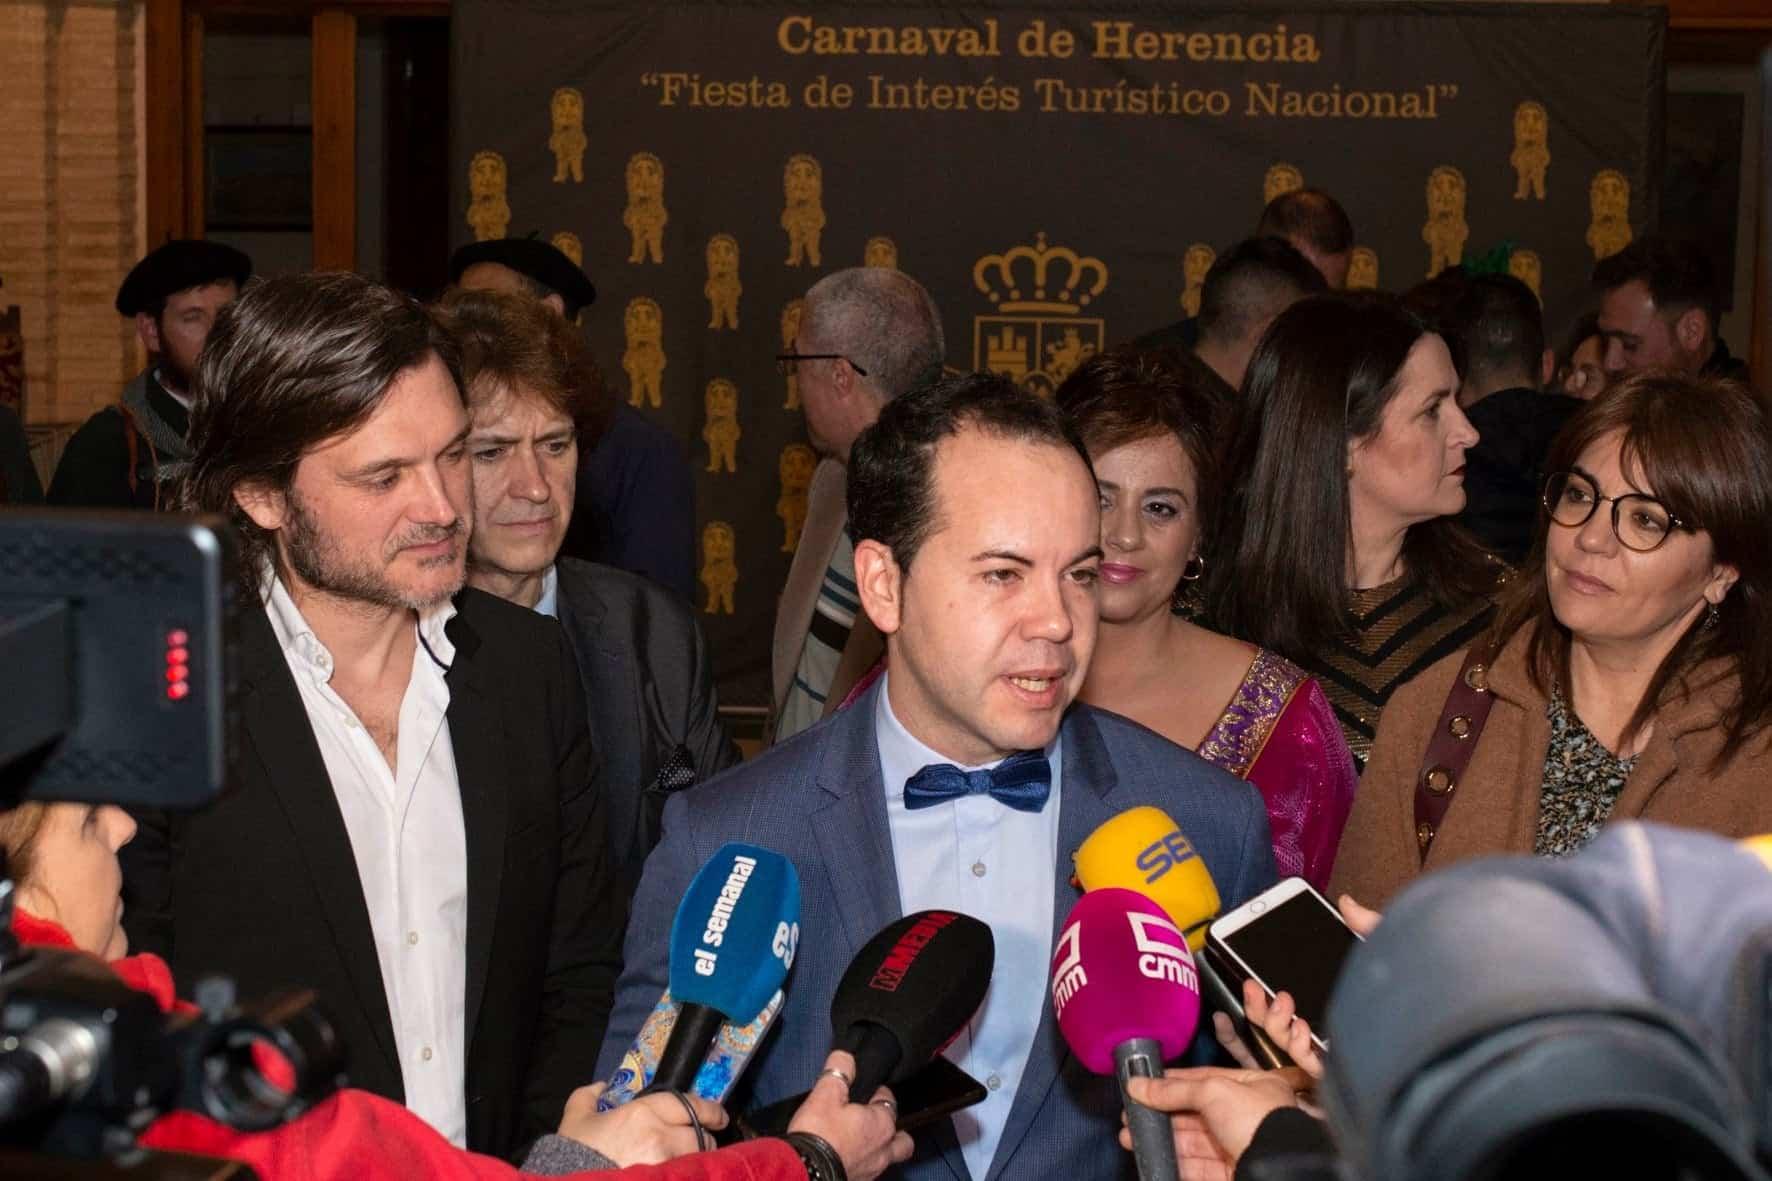 Inauguración del Carnaval de Herencia 2020 126